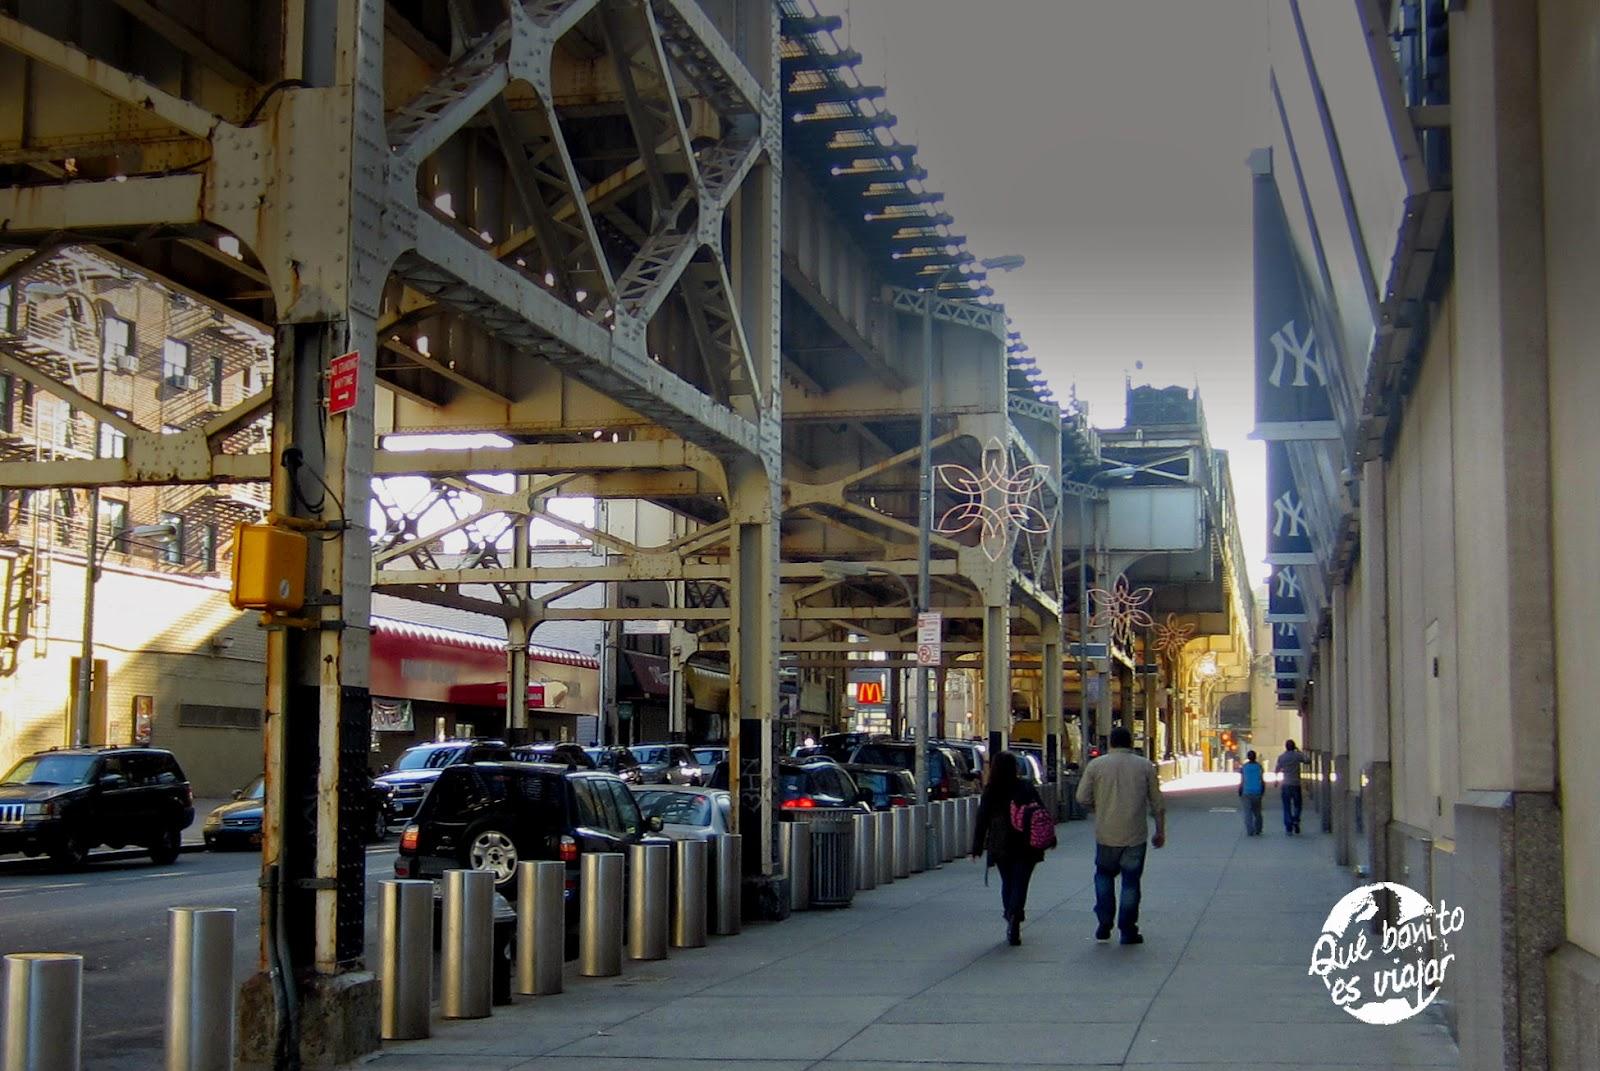 Visita al Bronx por libre